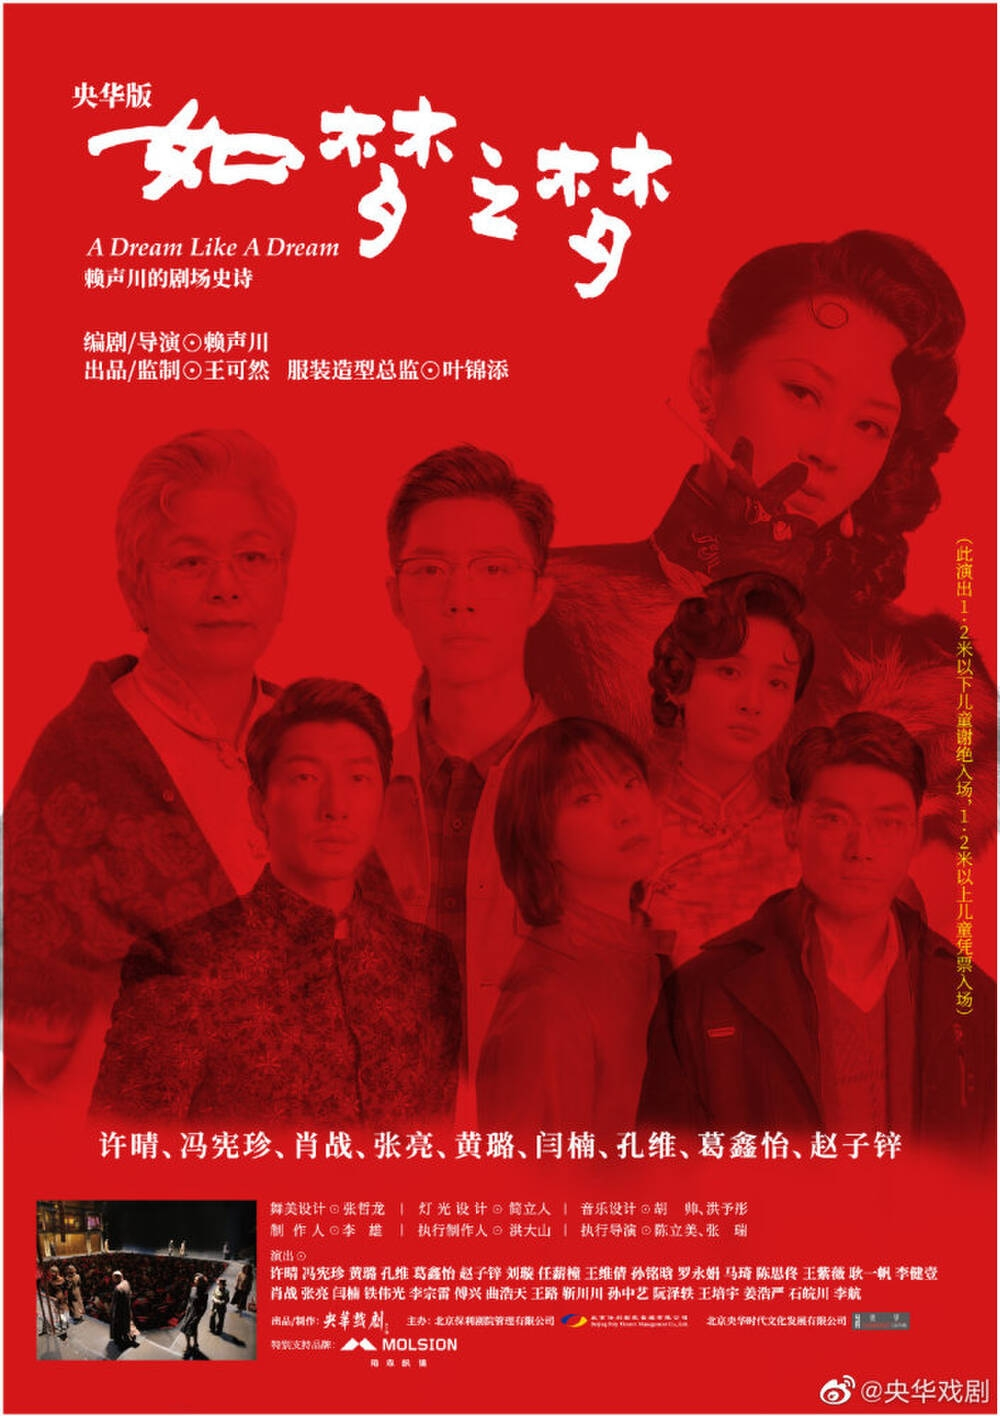 Tiêu Chiến 'lăm le' soán ngôi Hồ Ca trong 'Như mộng chi mộng', fan giành giật từng tấm vé